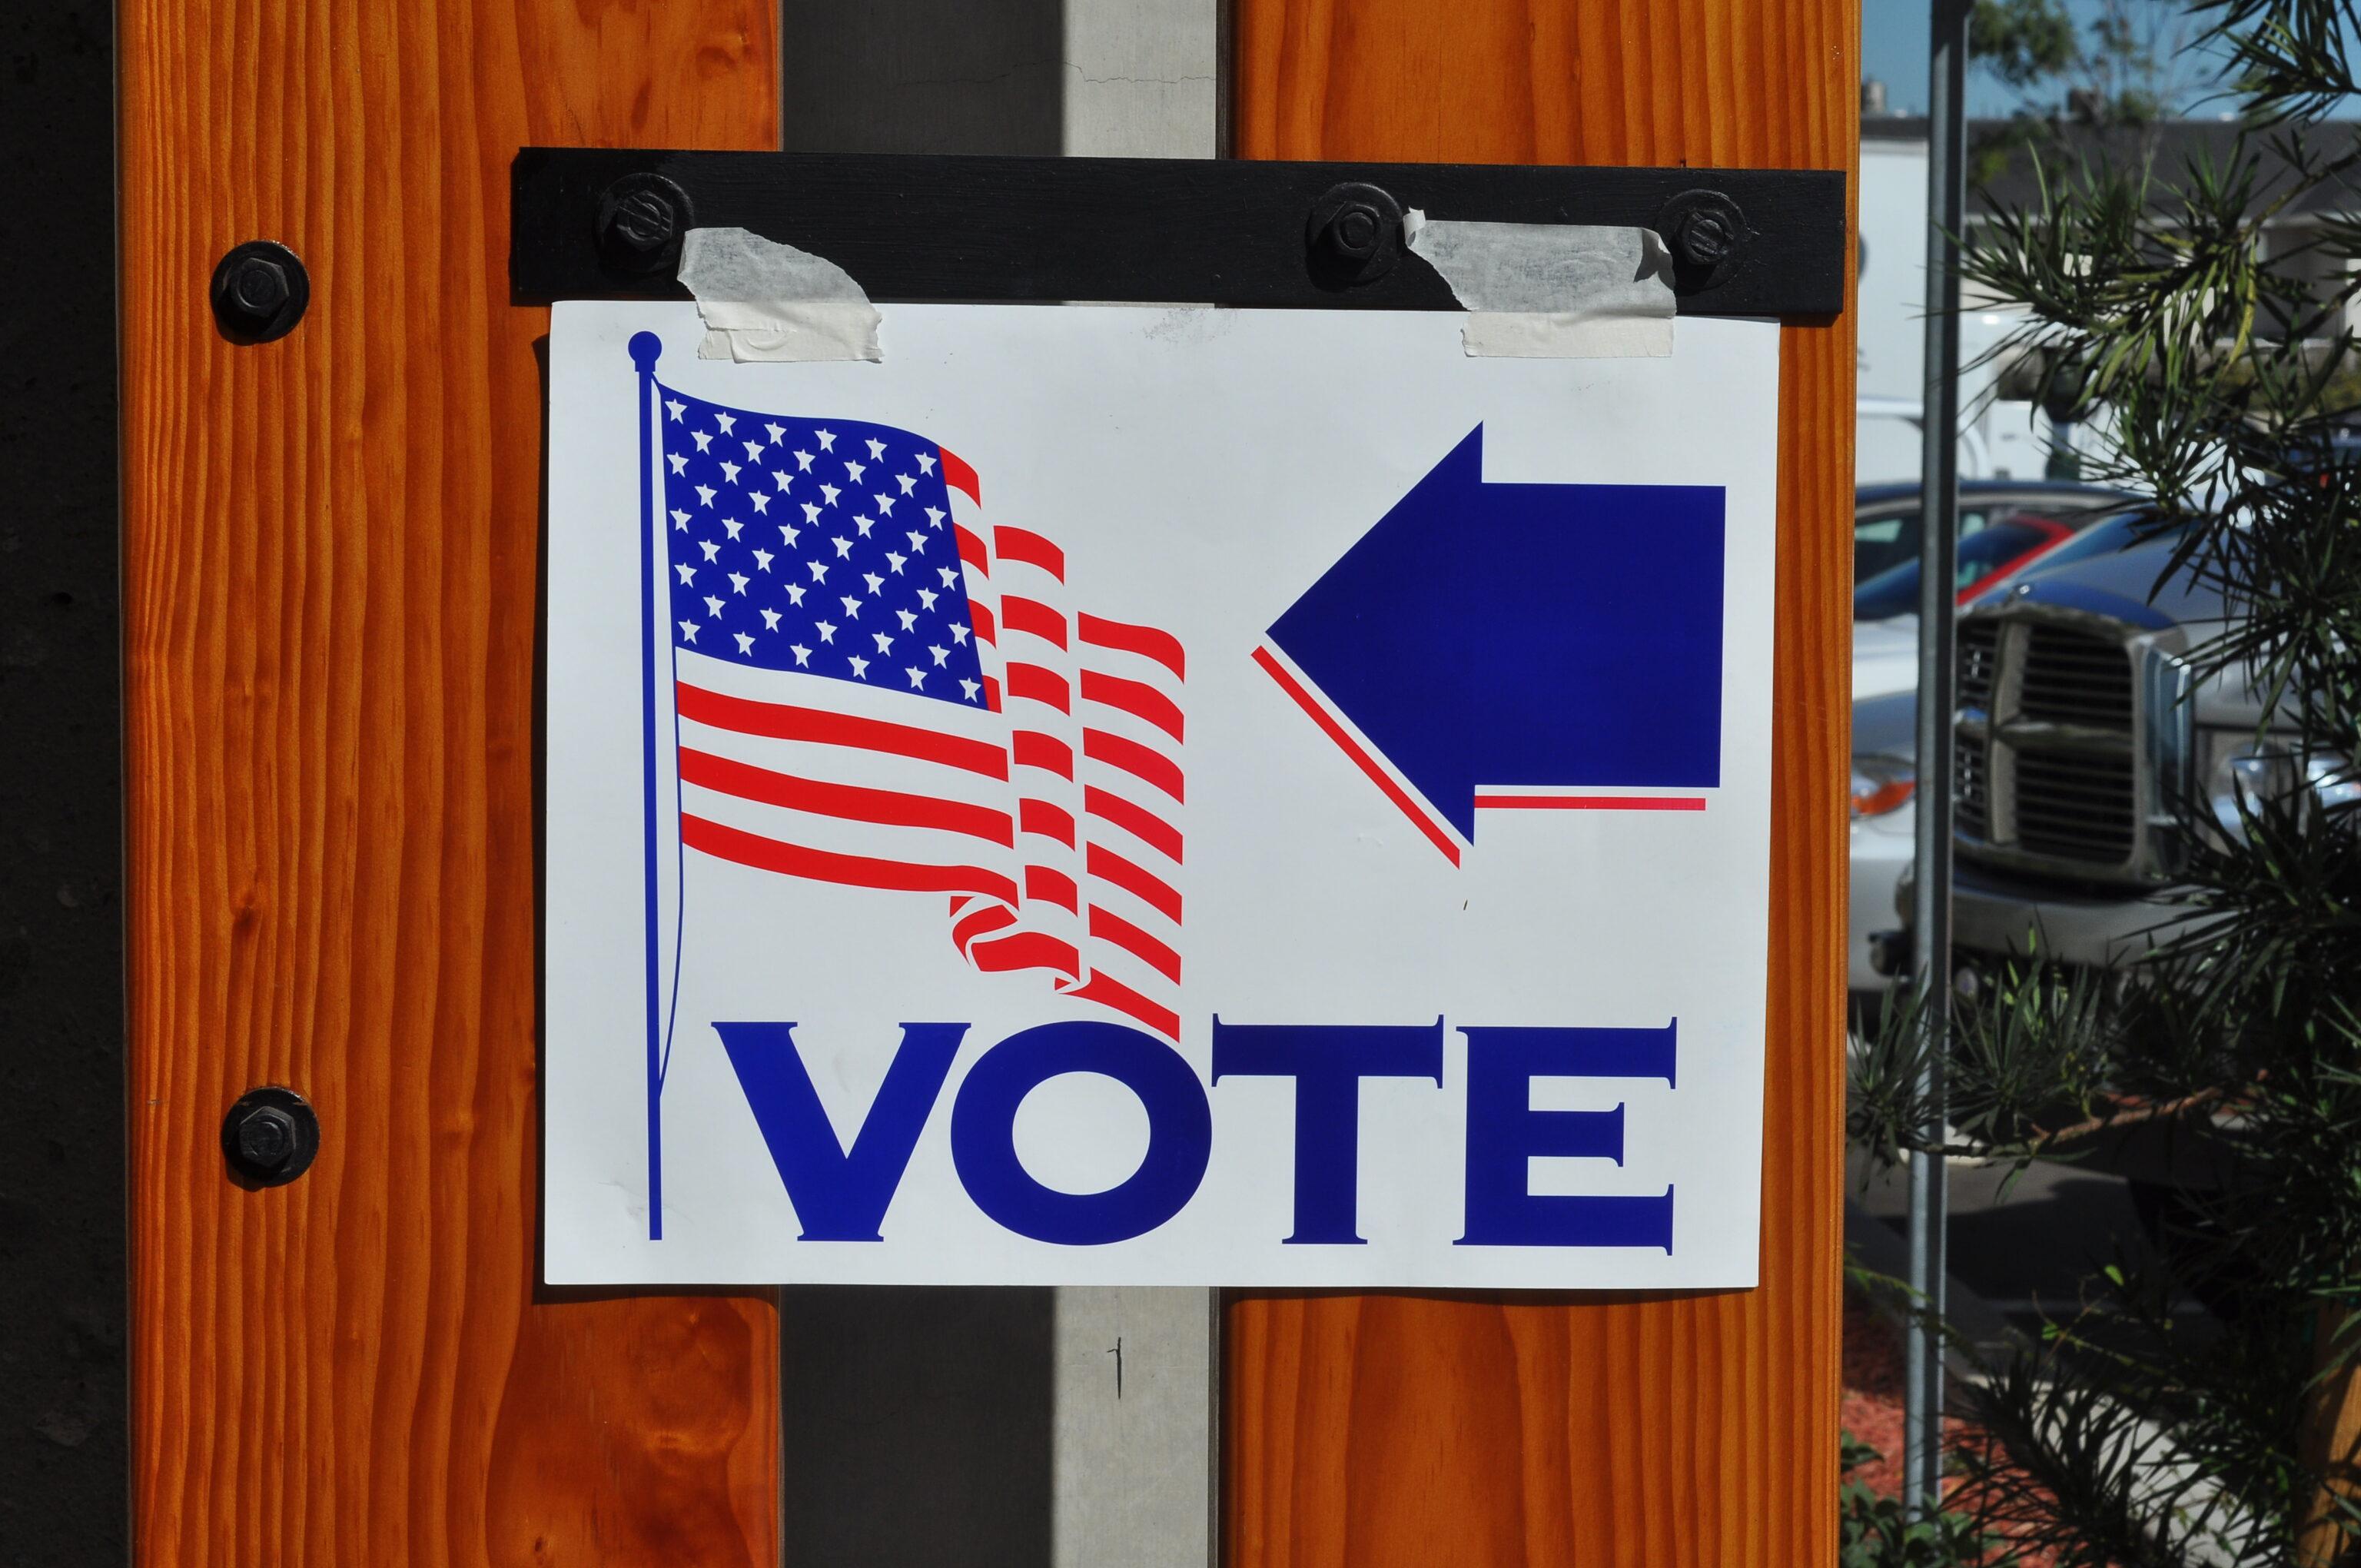 Amnesty International forder Waffenverbot für den Urnengan zu den Präsidentschaftswahlen in den USA